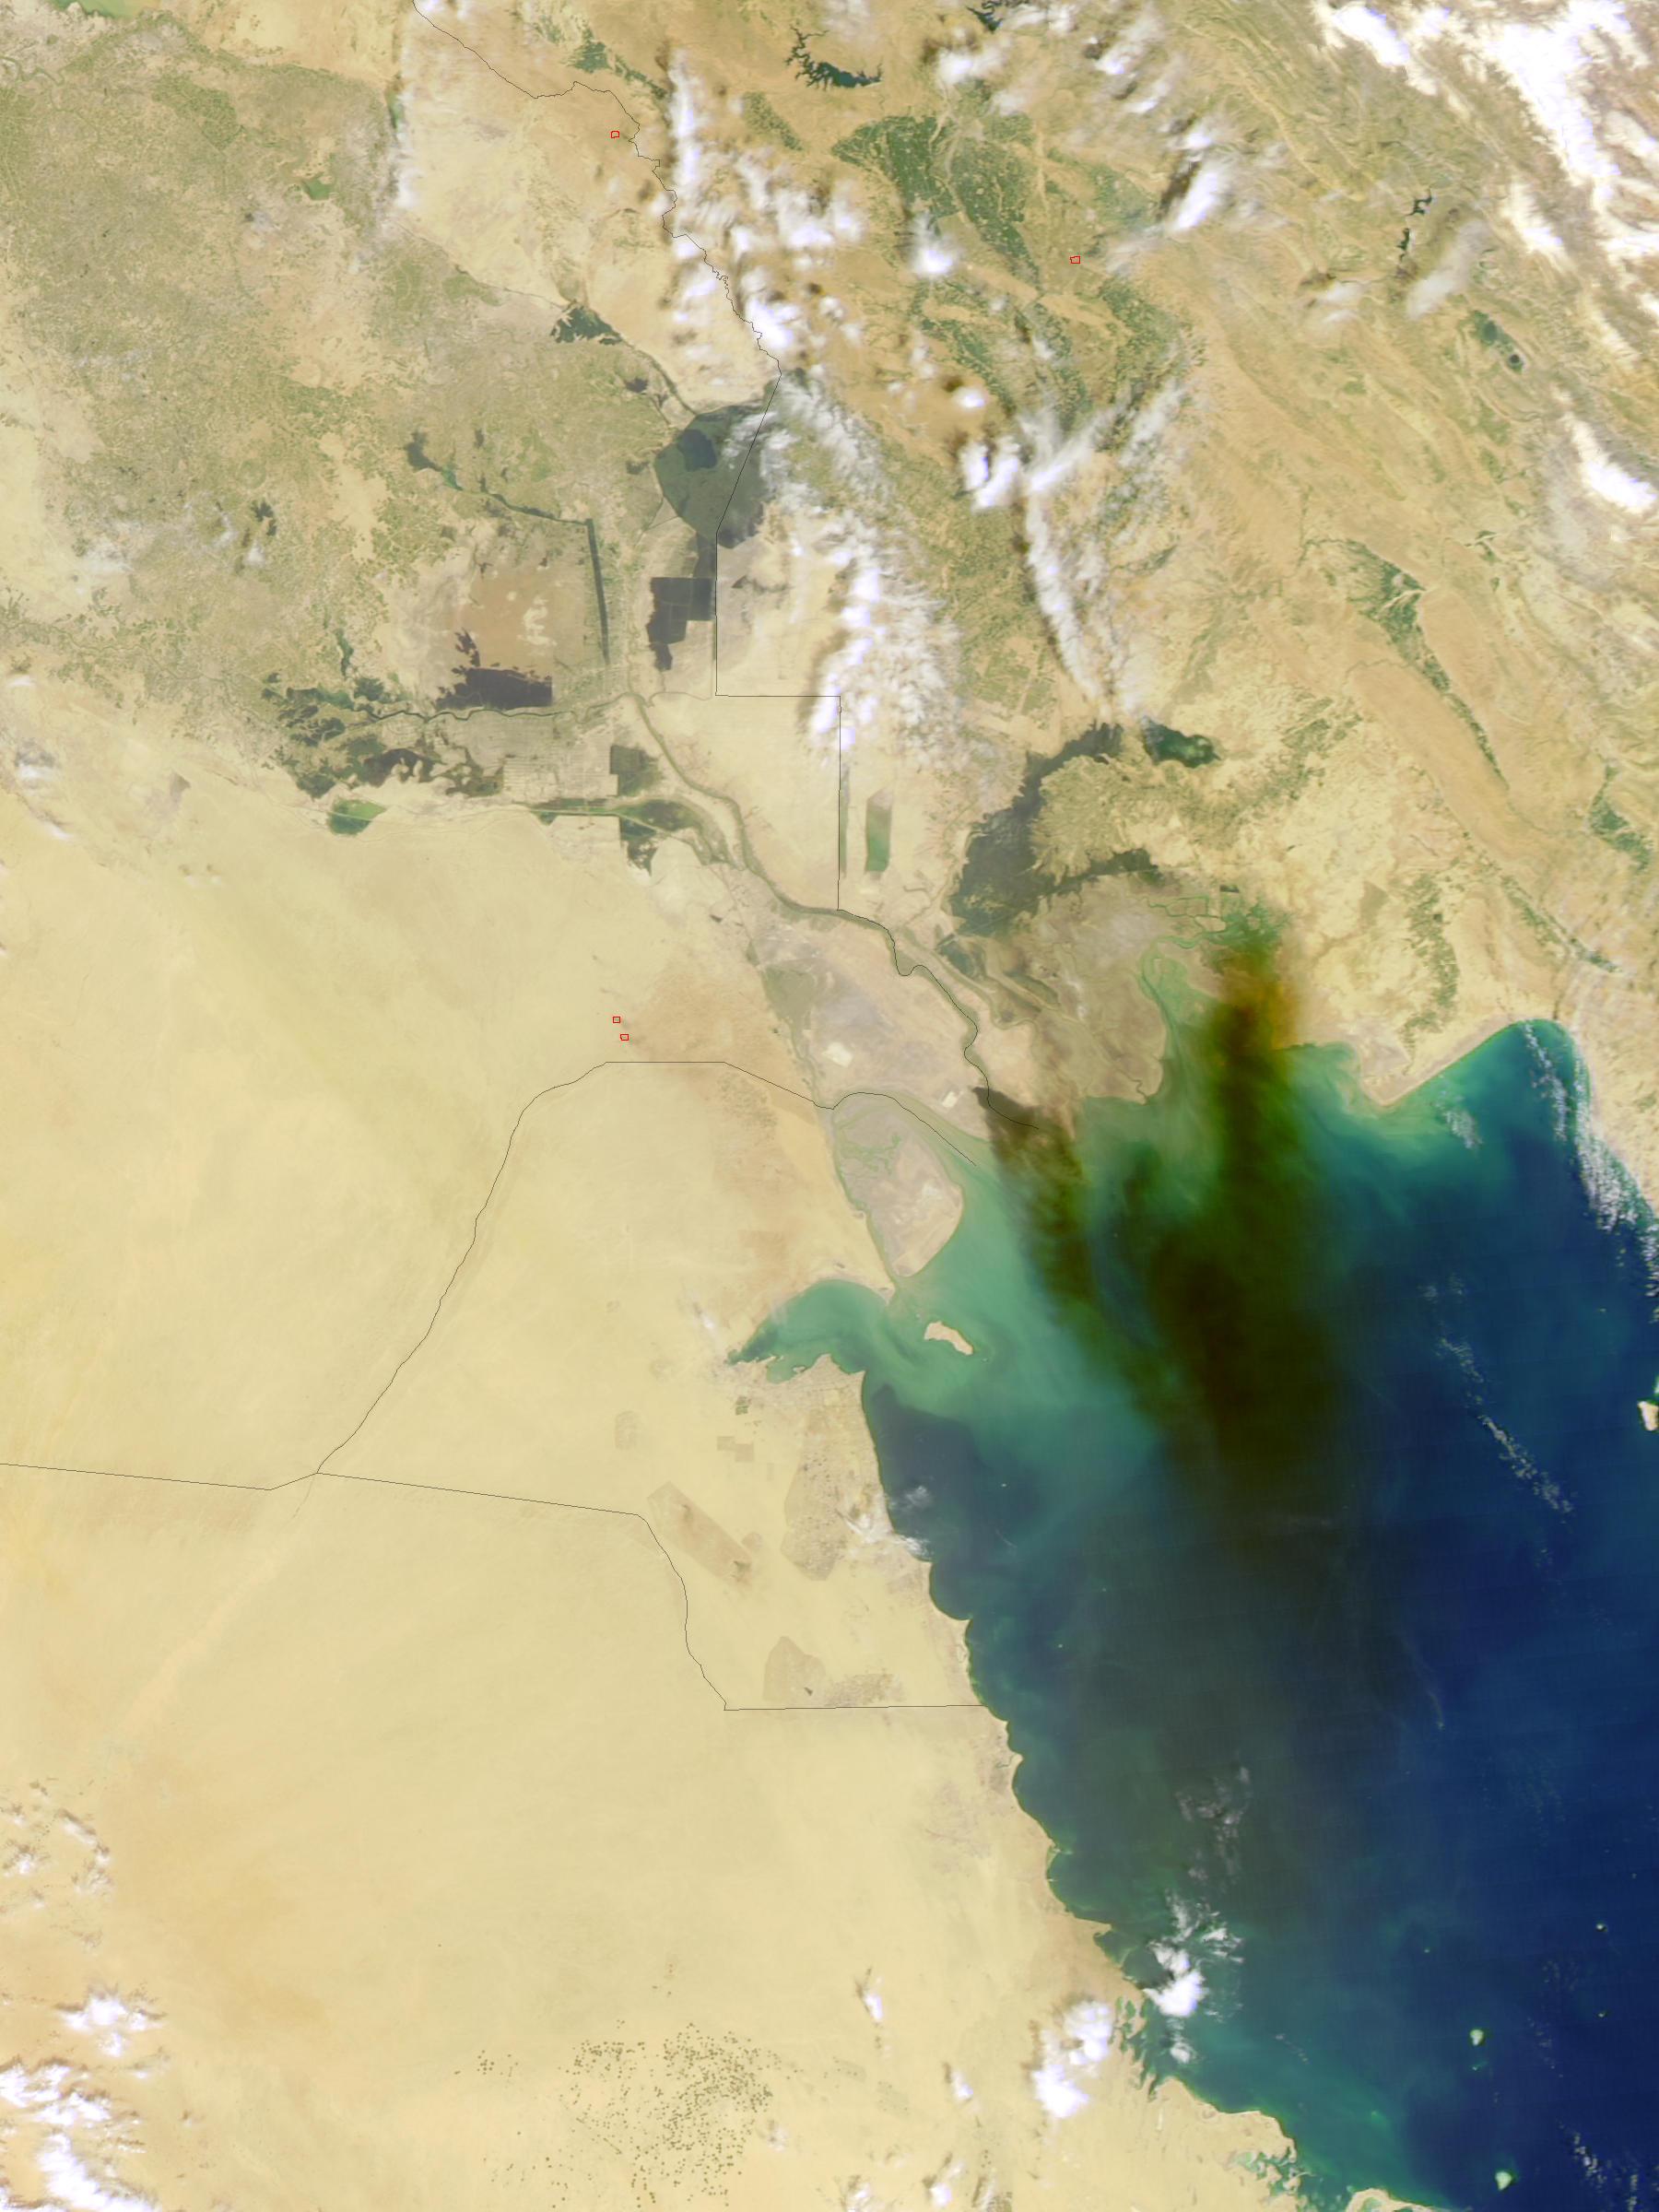 Humo del incendio de un oleoducto en Iraq meridional (seguimiento satelital de la tarde)